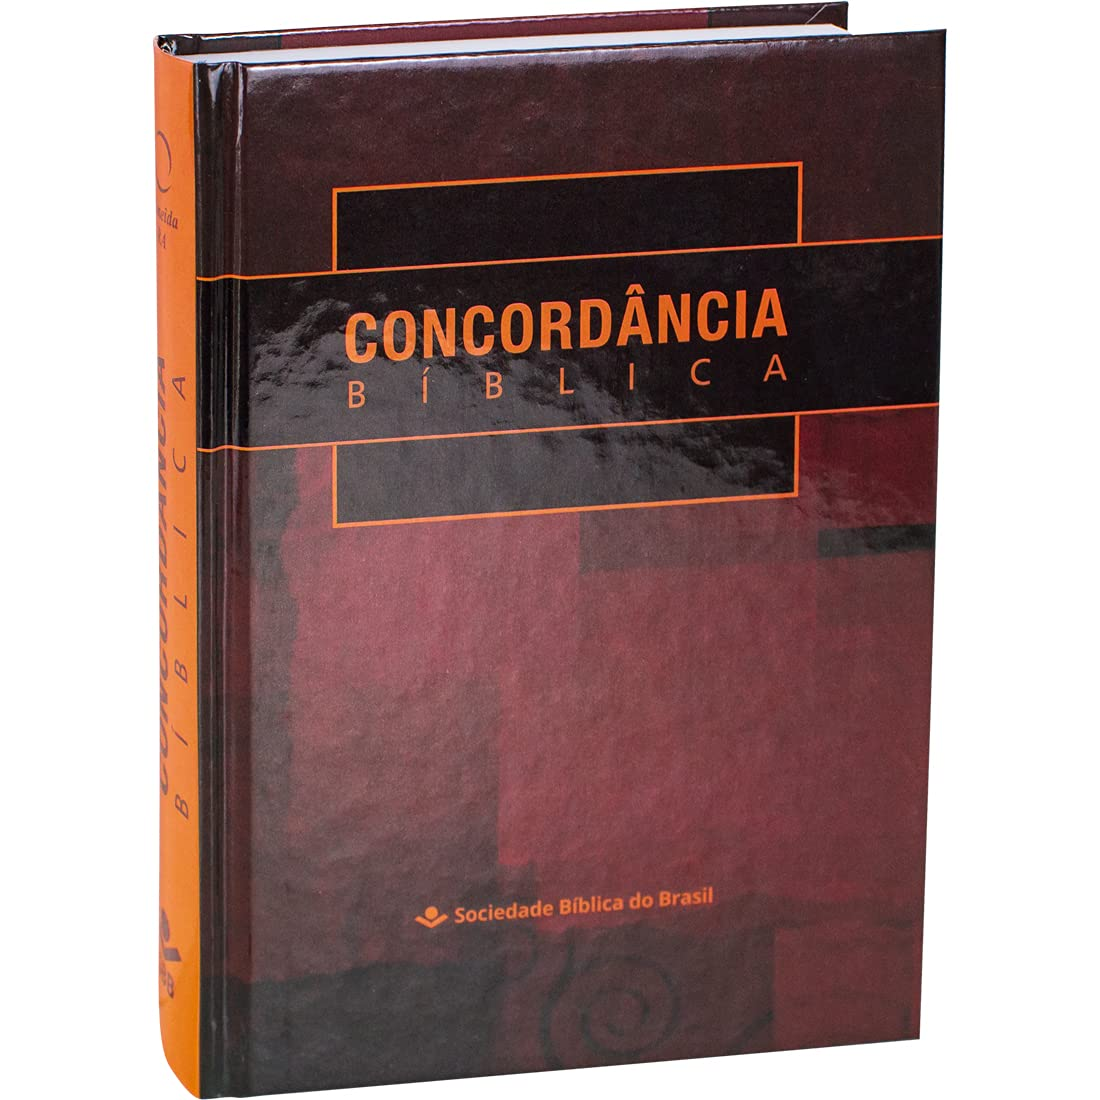 Concordância Bíblica: Almeida Revista e Atualizada (ARA)  - Universo Bíblico Rs